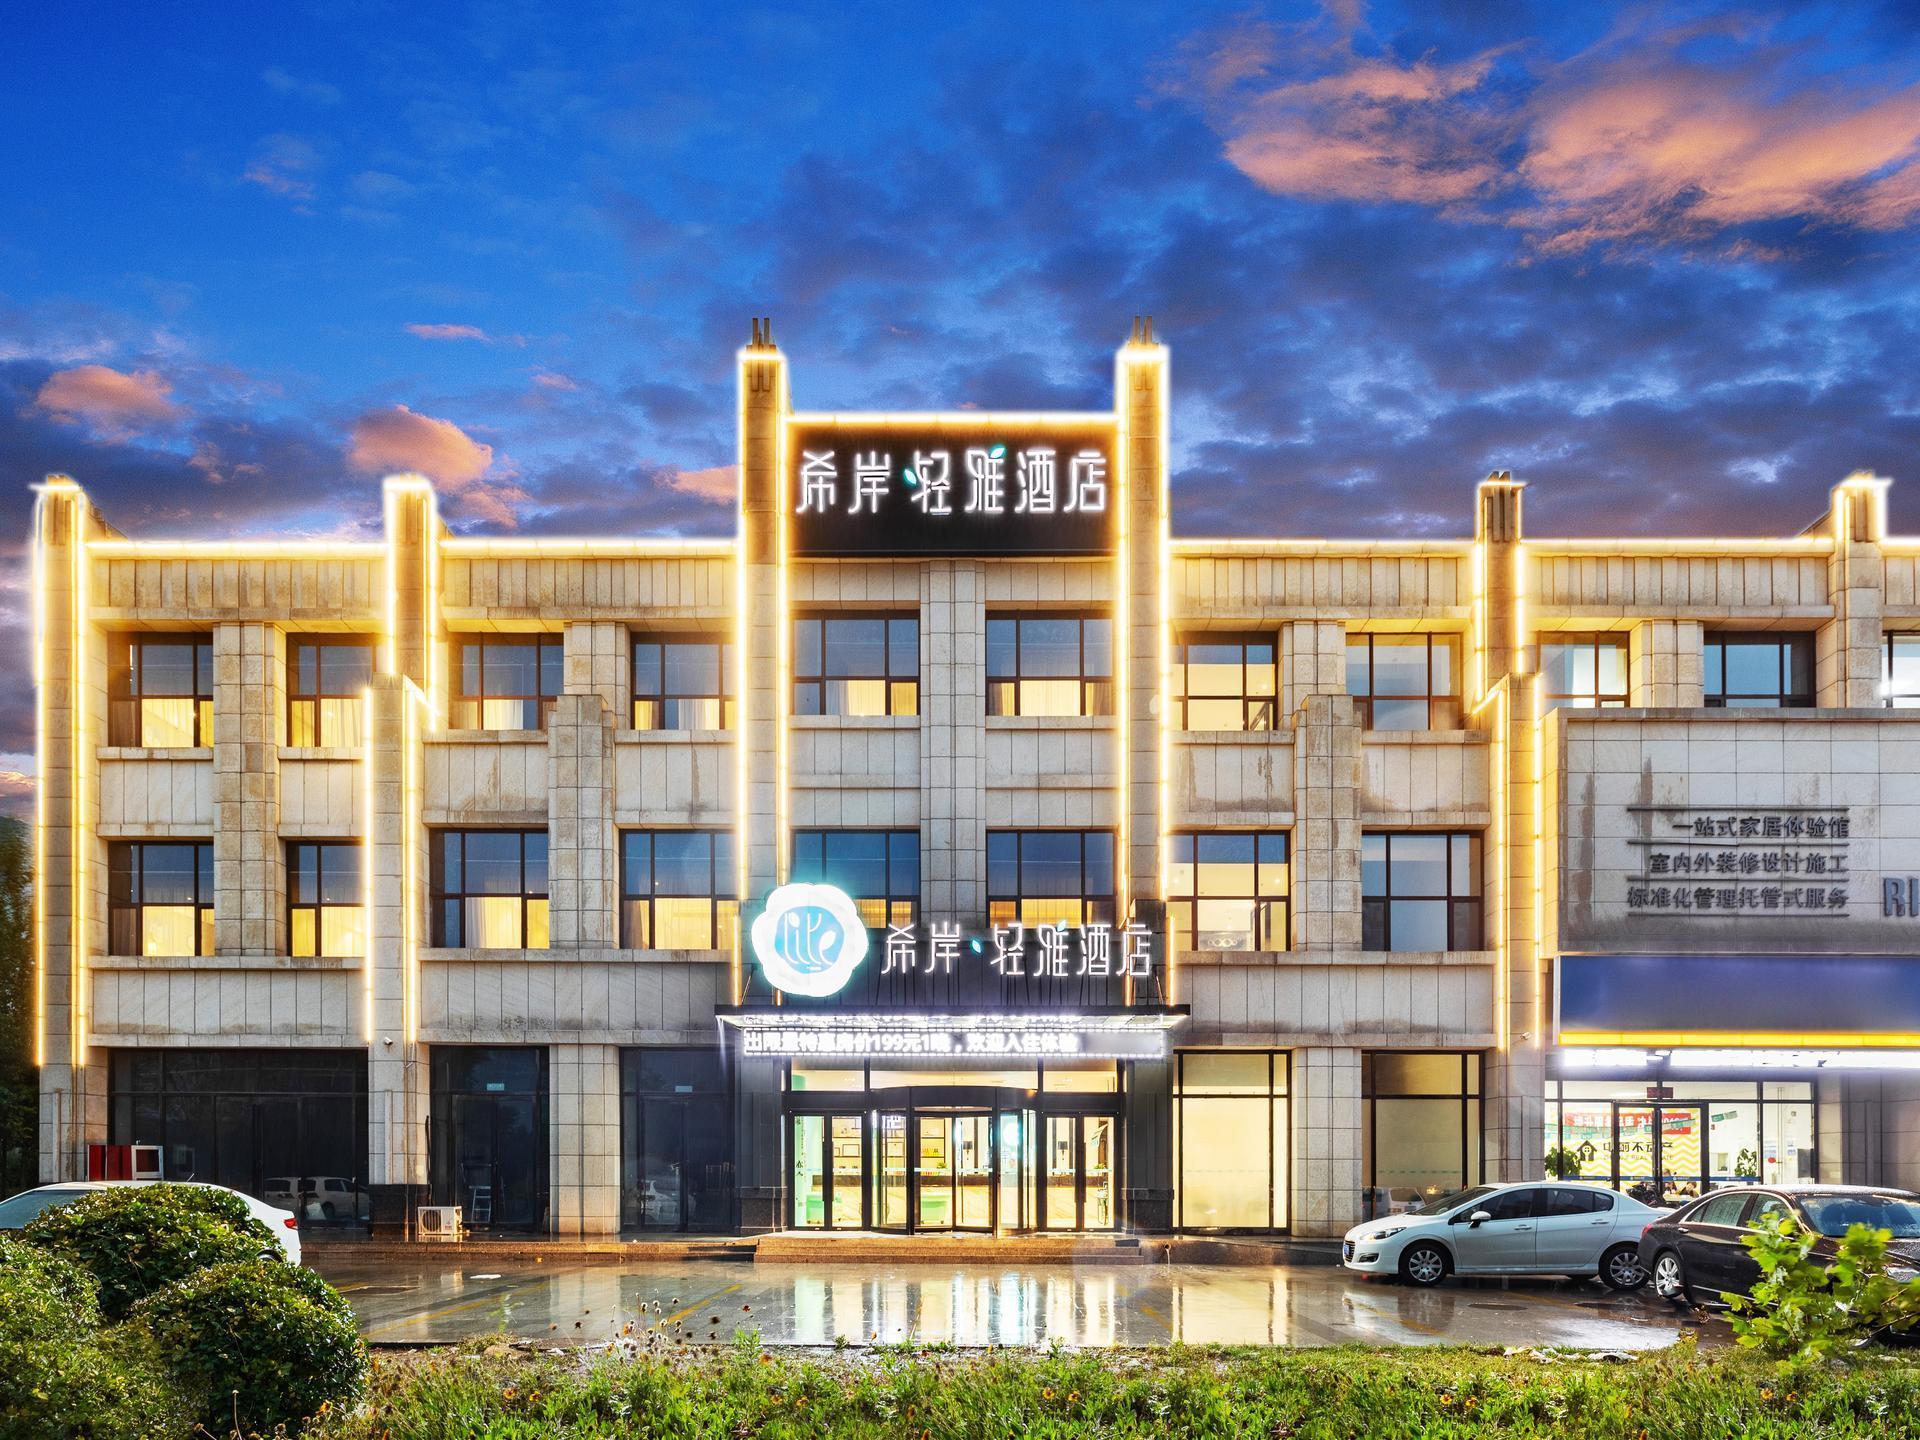 Xana Lite Tianjin Ninghe Trade Development Zone